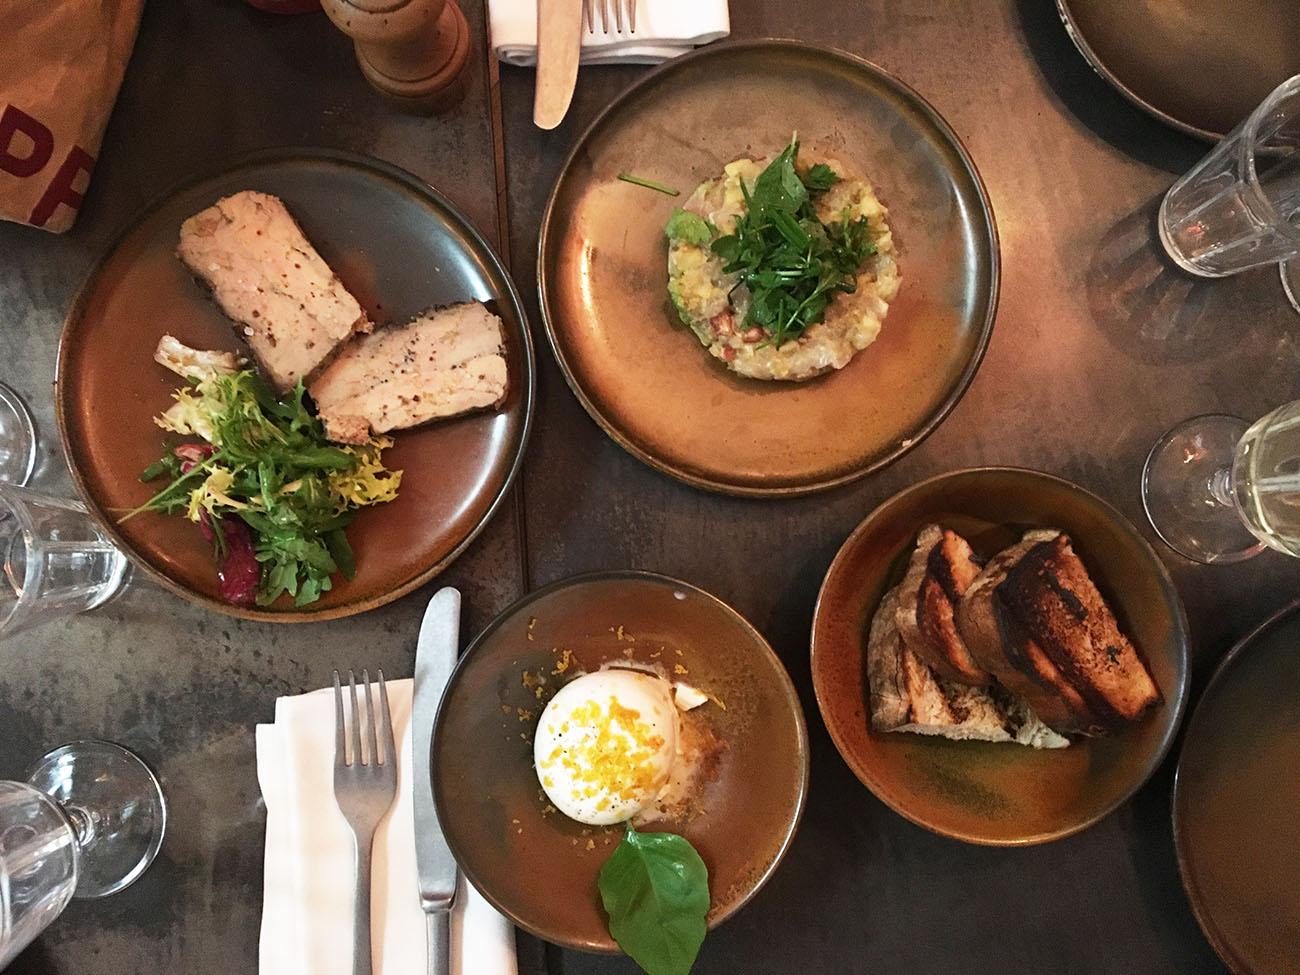 Restaurant de viandes marseille chez charbon love spots